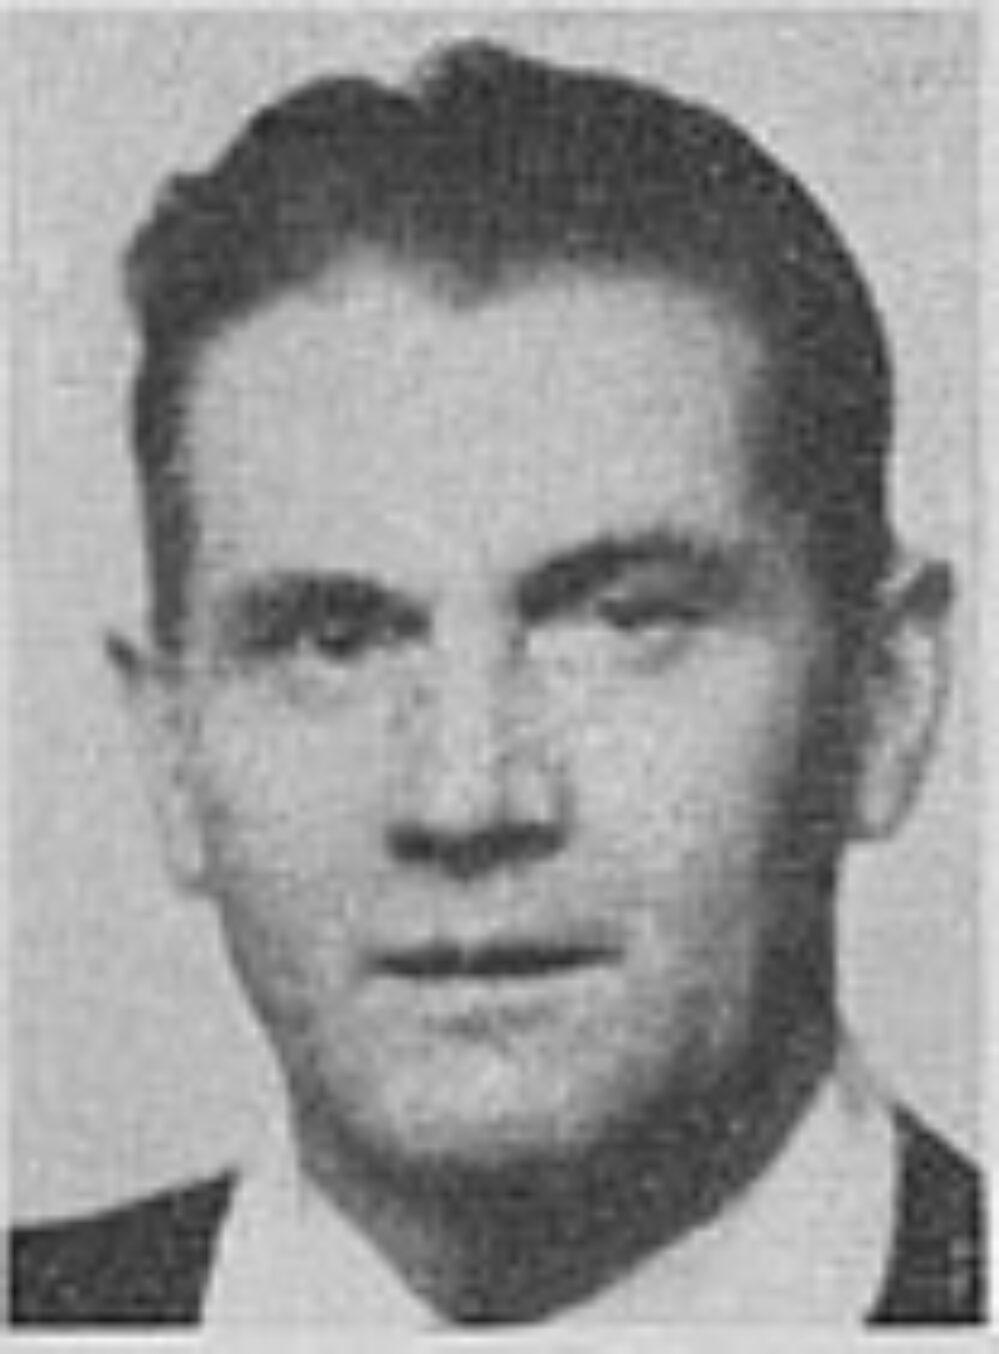 Johan Alfred Johannessen